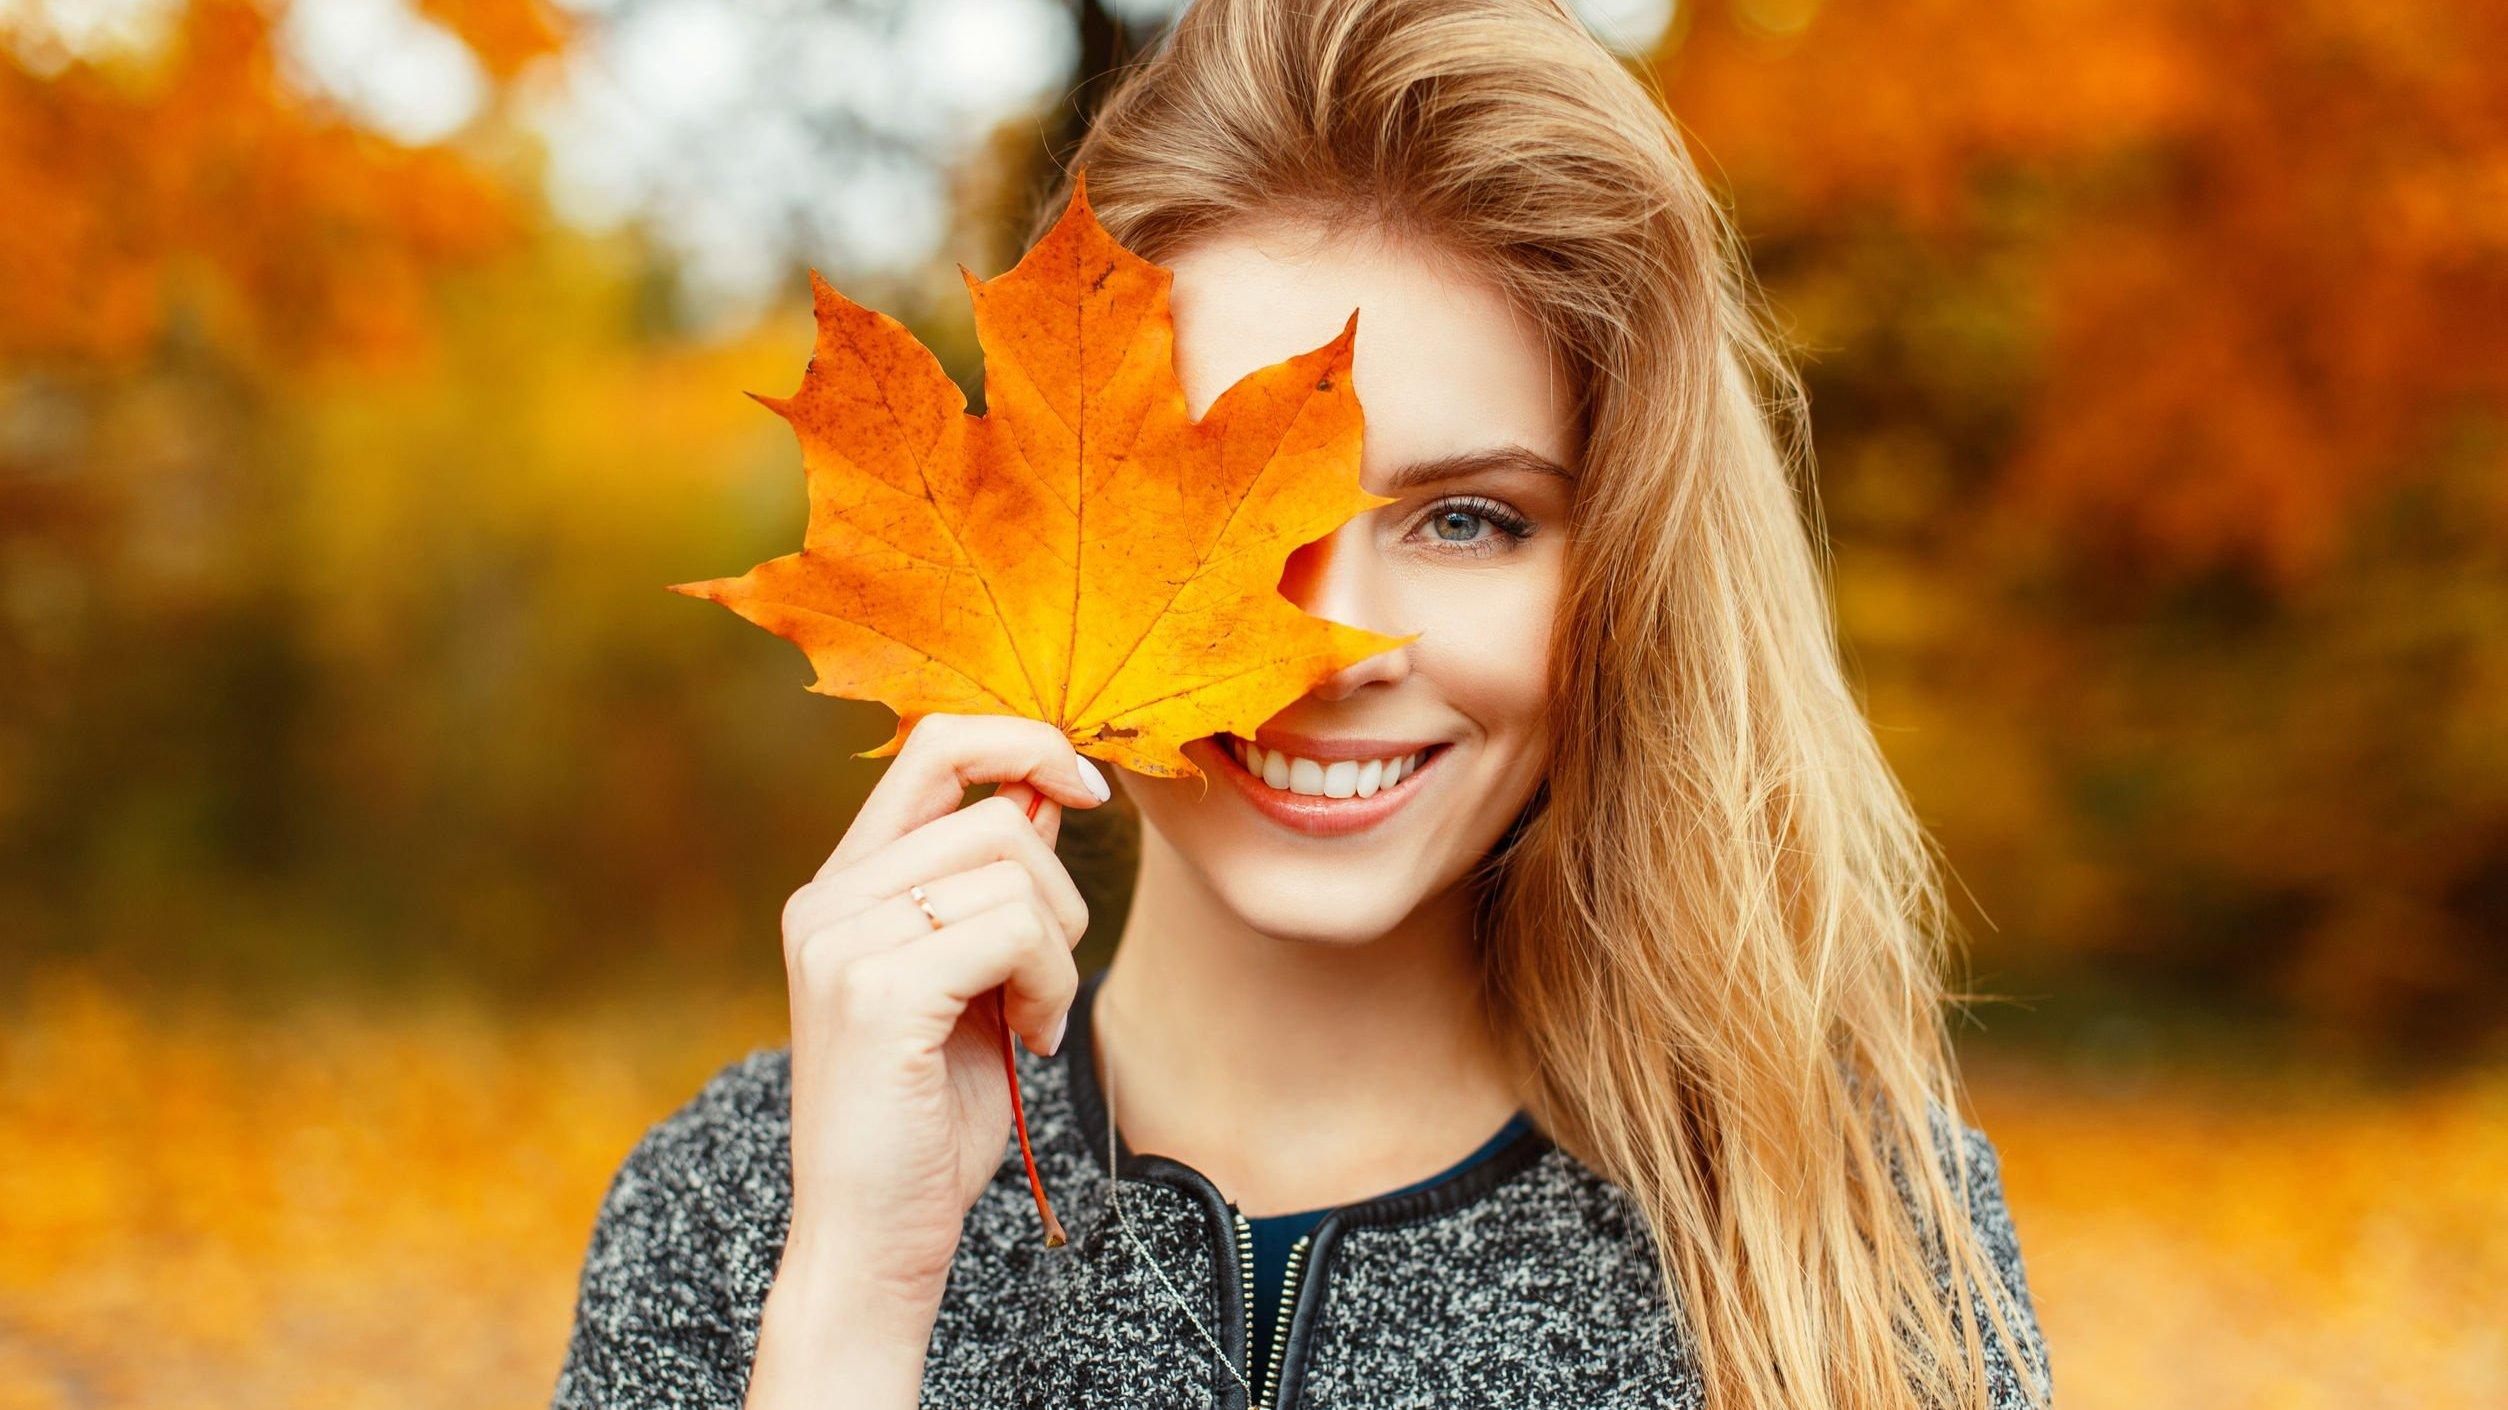 Mulher tampando o olho com folha de árvore e sorrindo